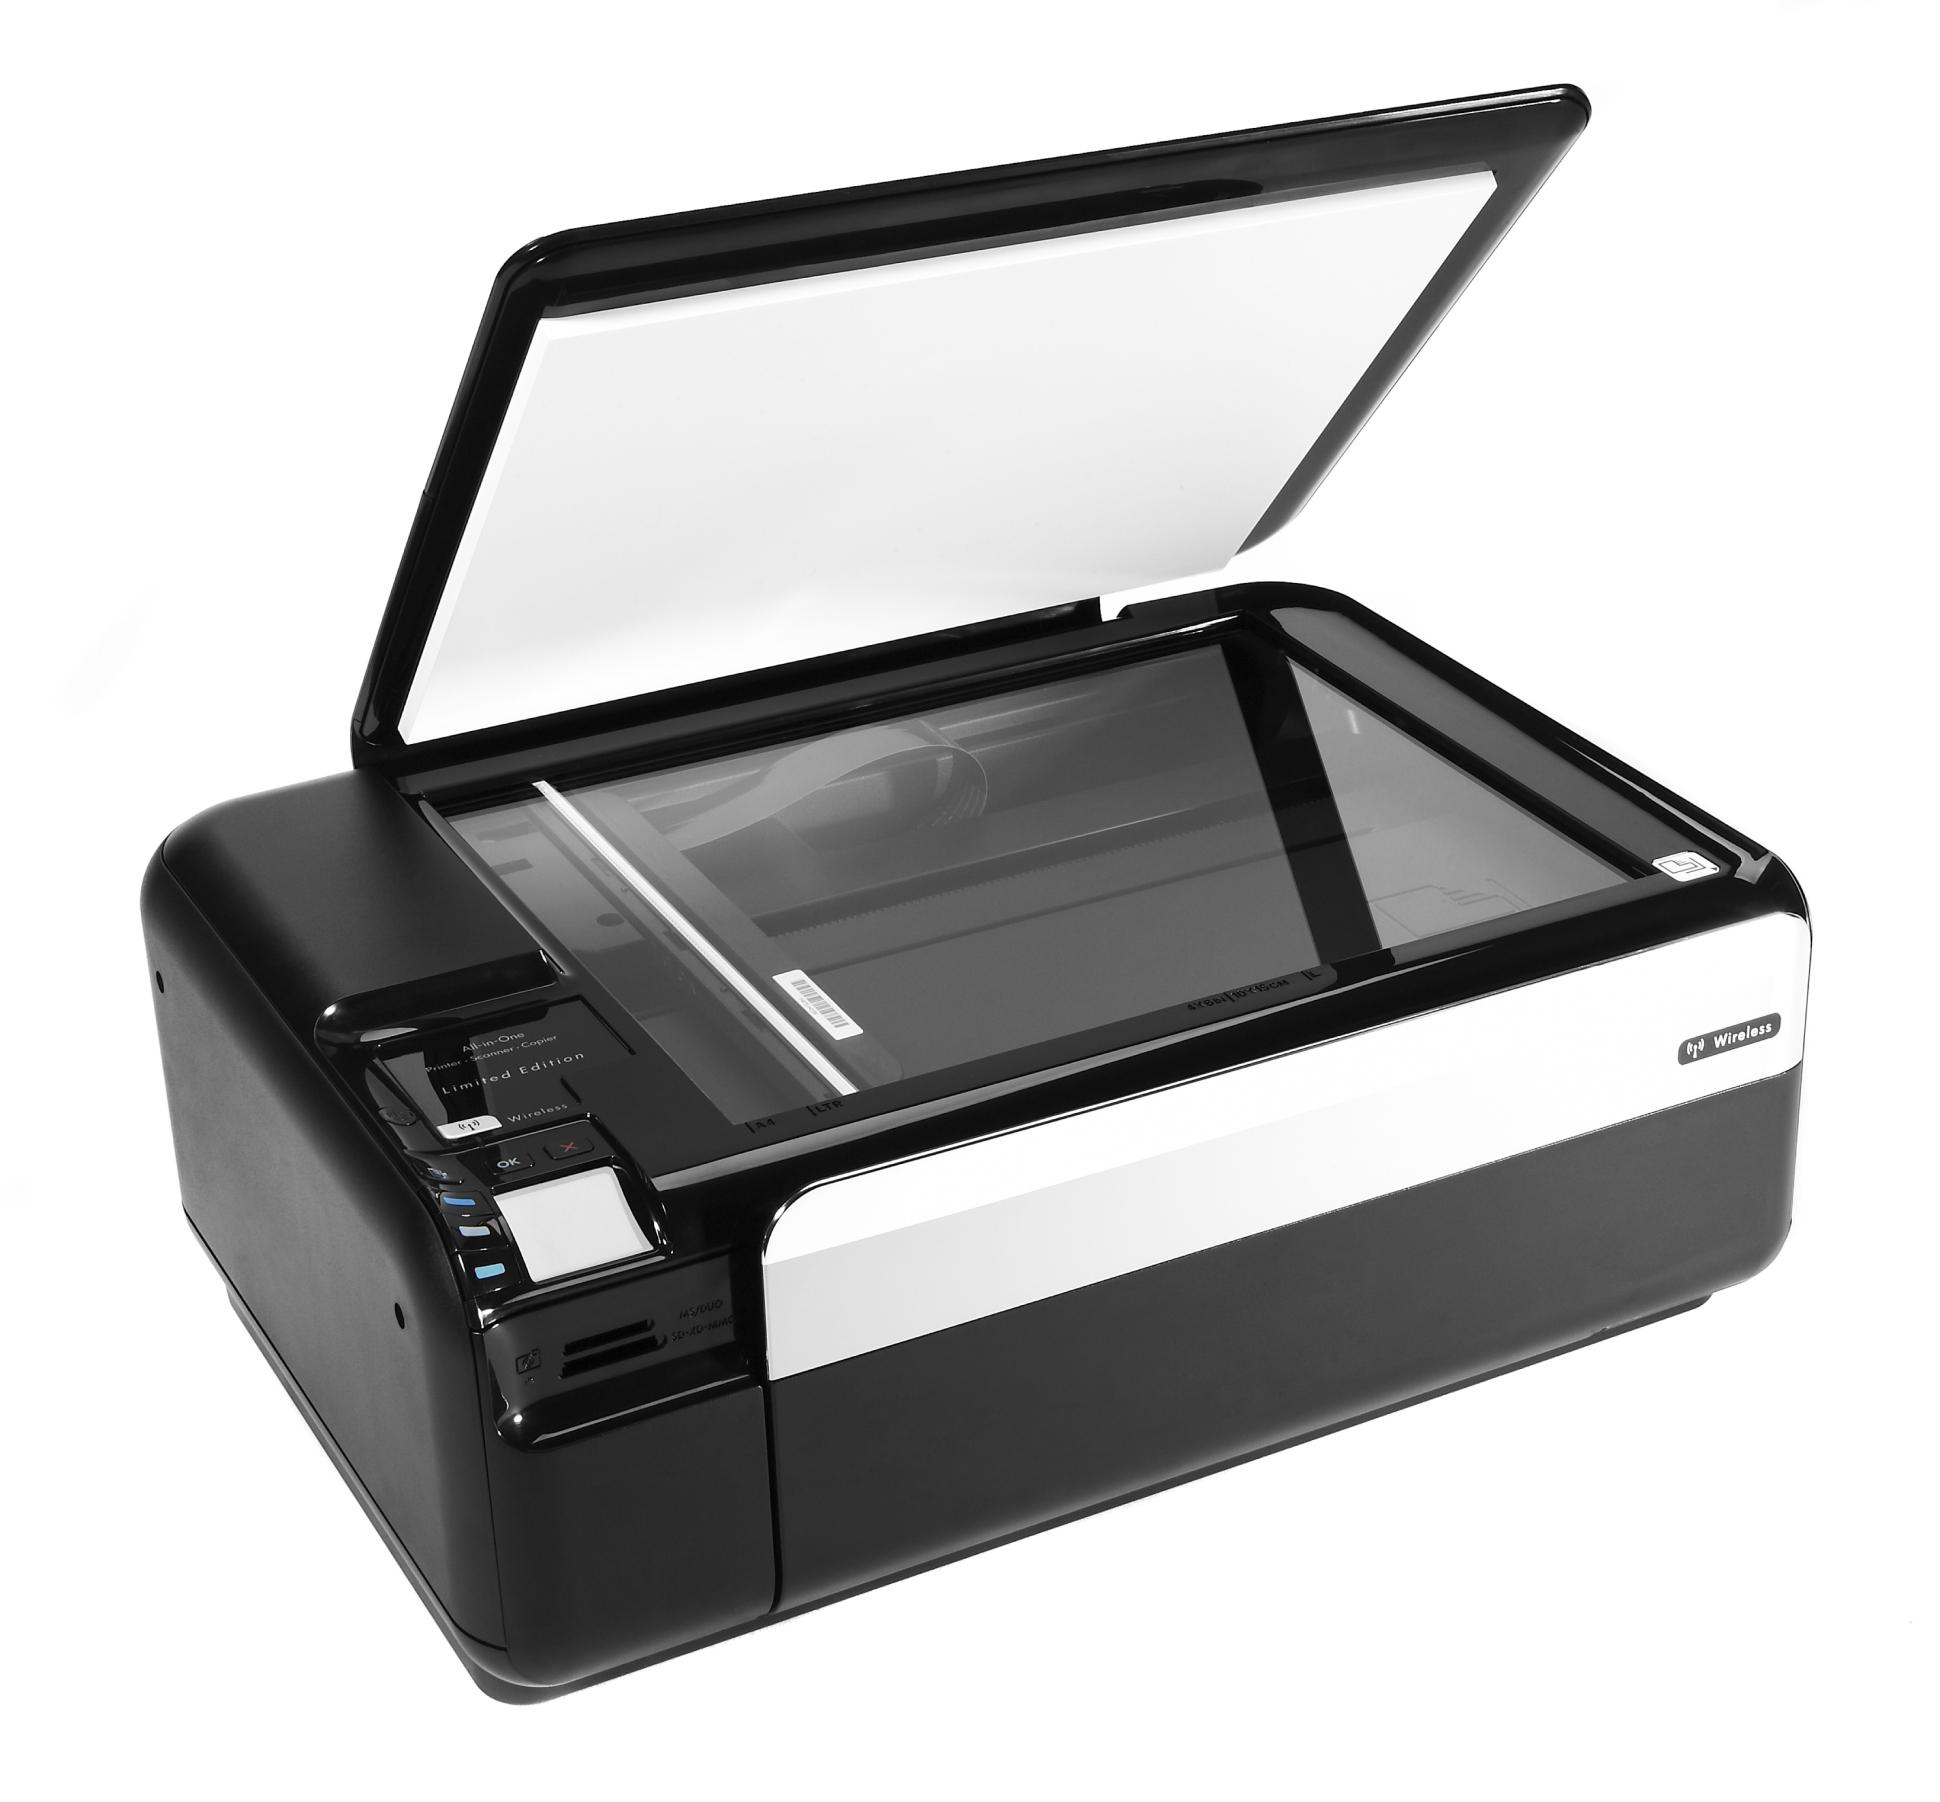 Comparación de coste por página: Impresoras láser Vs. impresoras ...